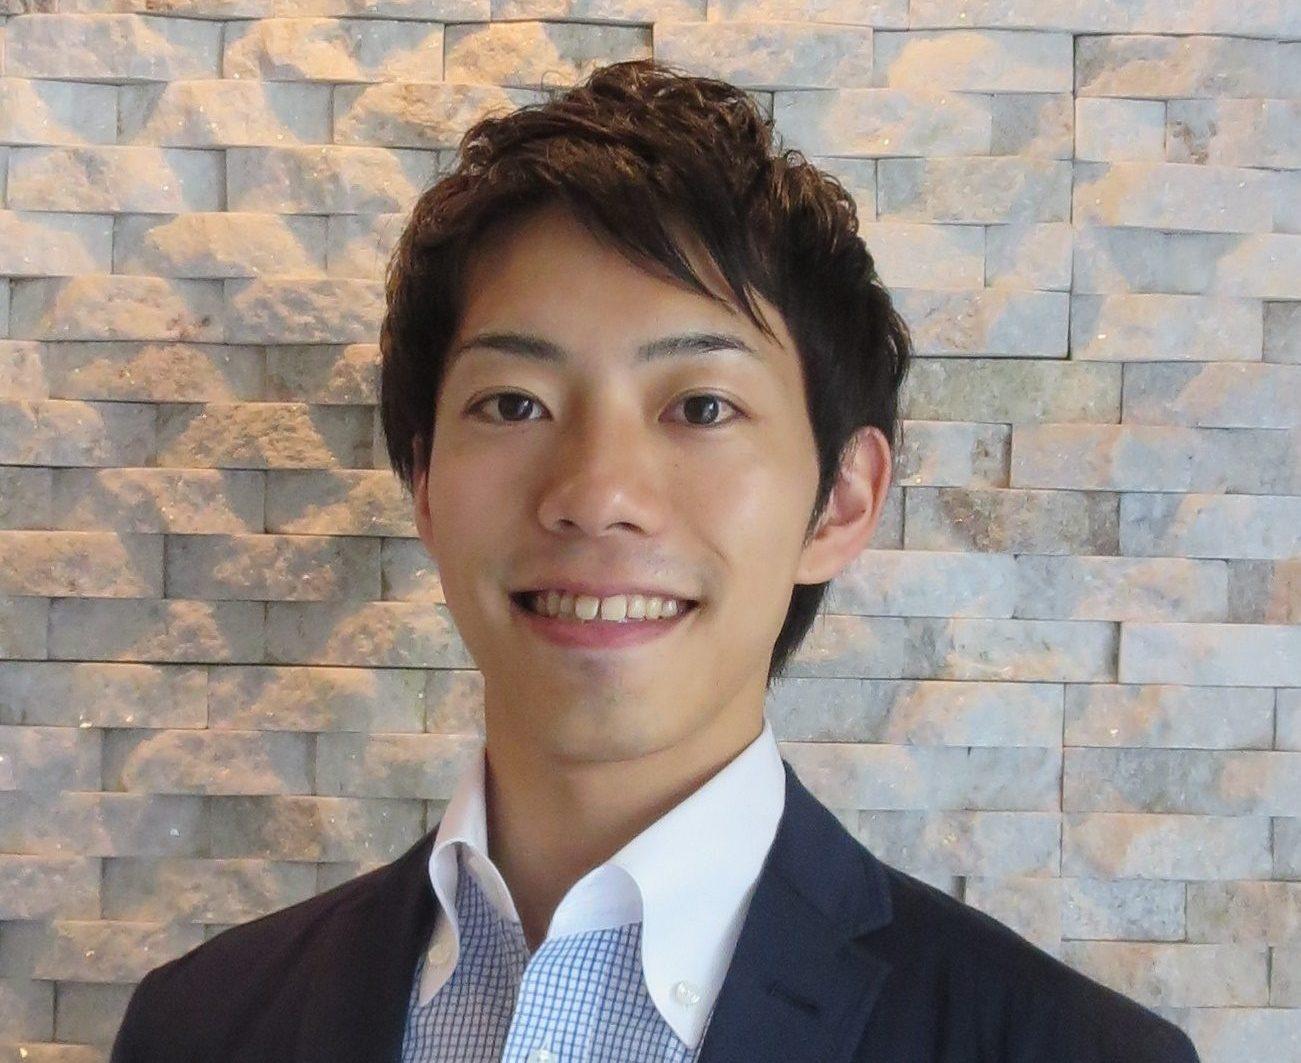 矢野会計事務所・つながるサポート株式会社 代表 矢野 裕紀